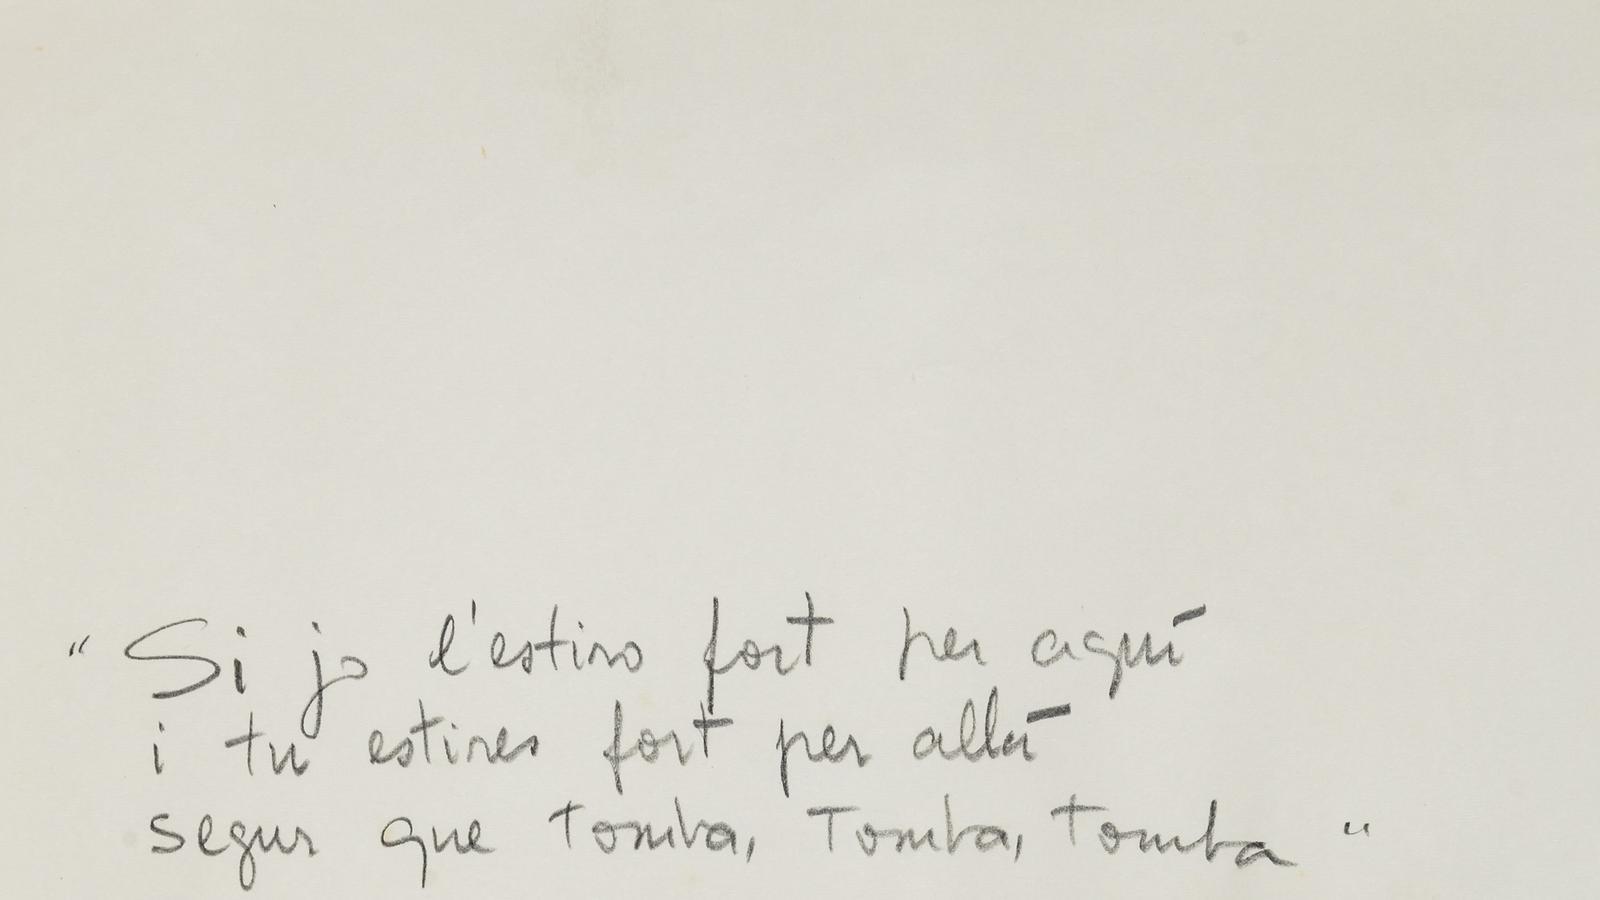 Una de les fotografies de la sèrie 'Memòria de Barcelona', de Vera Chaves Barcellos, amb un fragment de 'L'estaca'